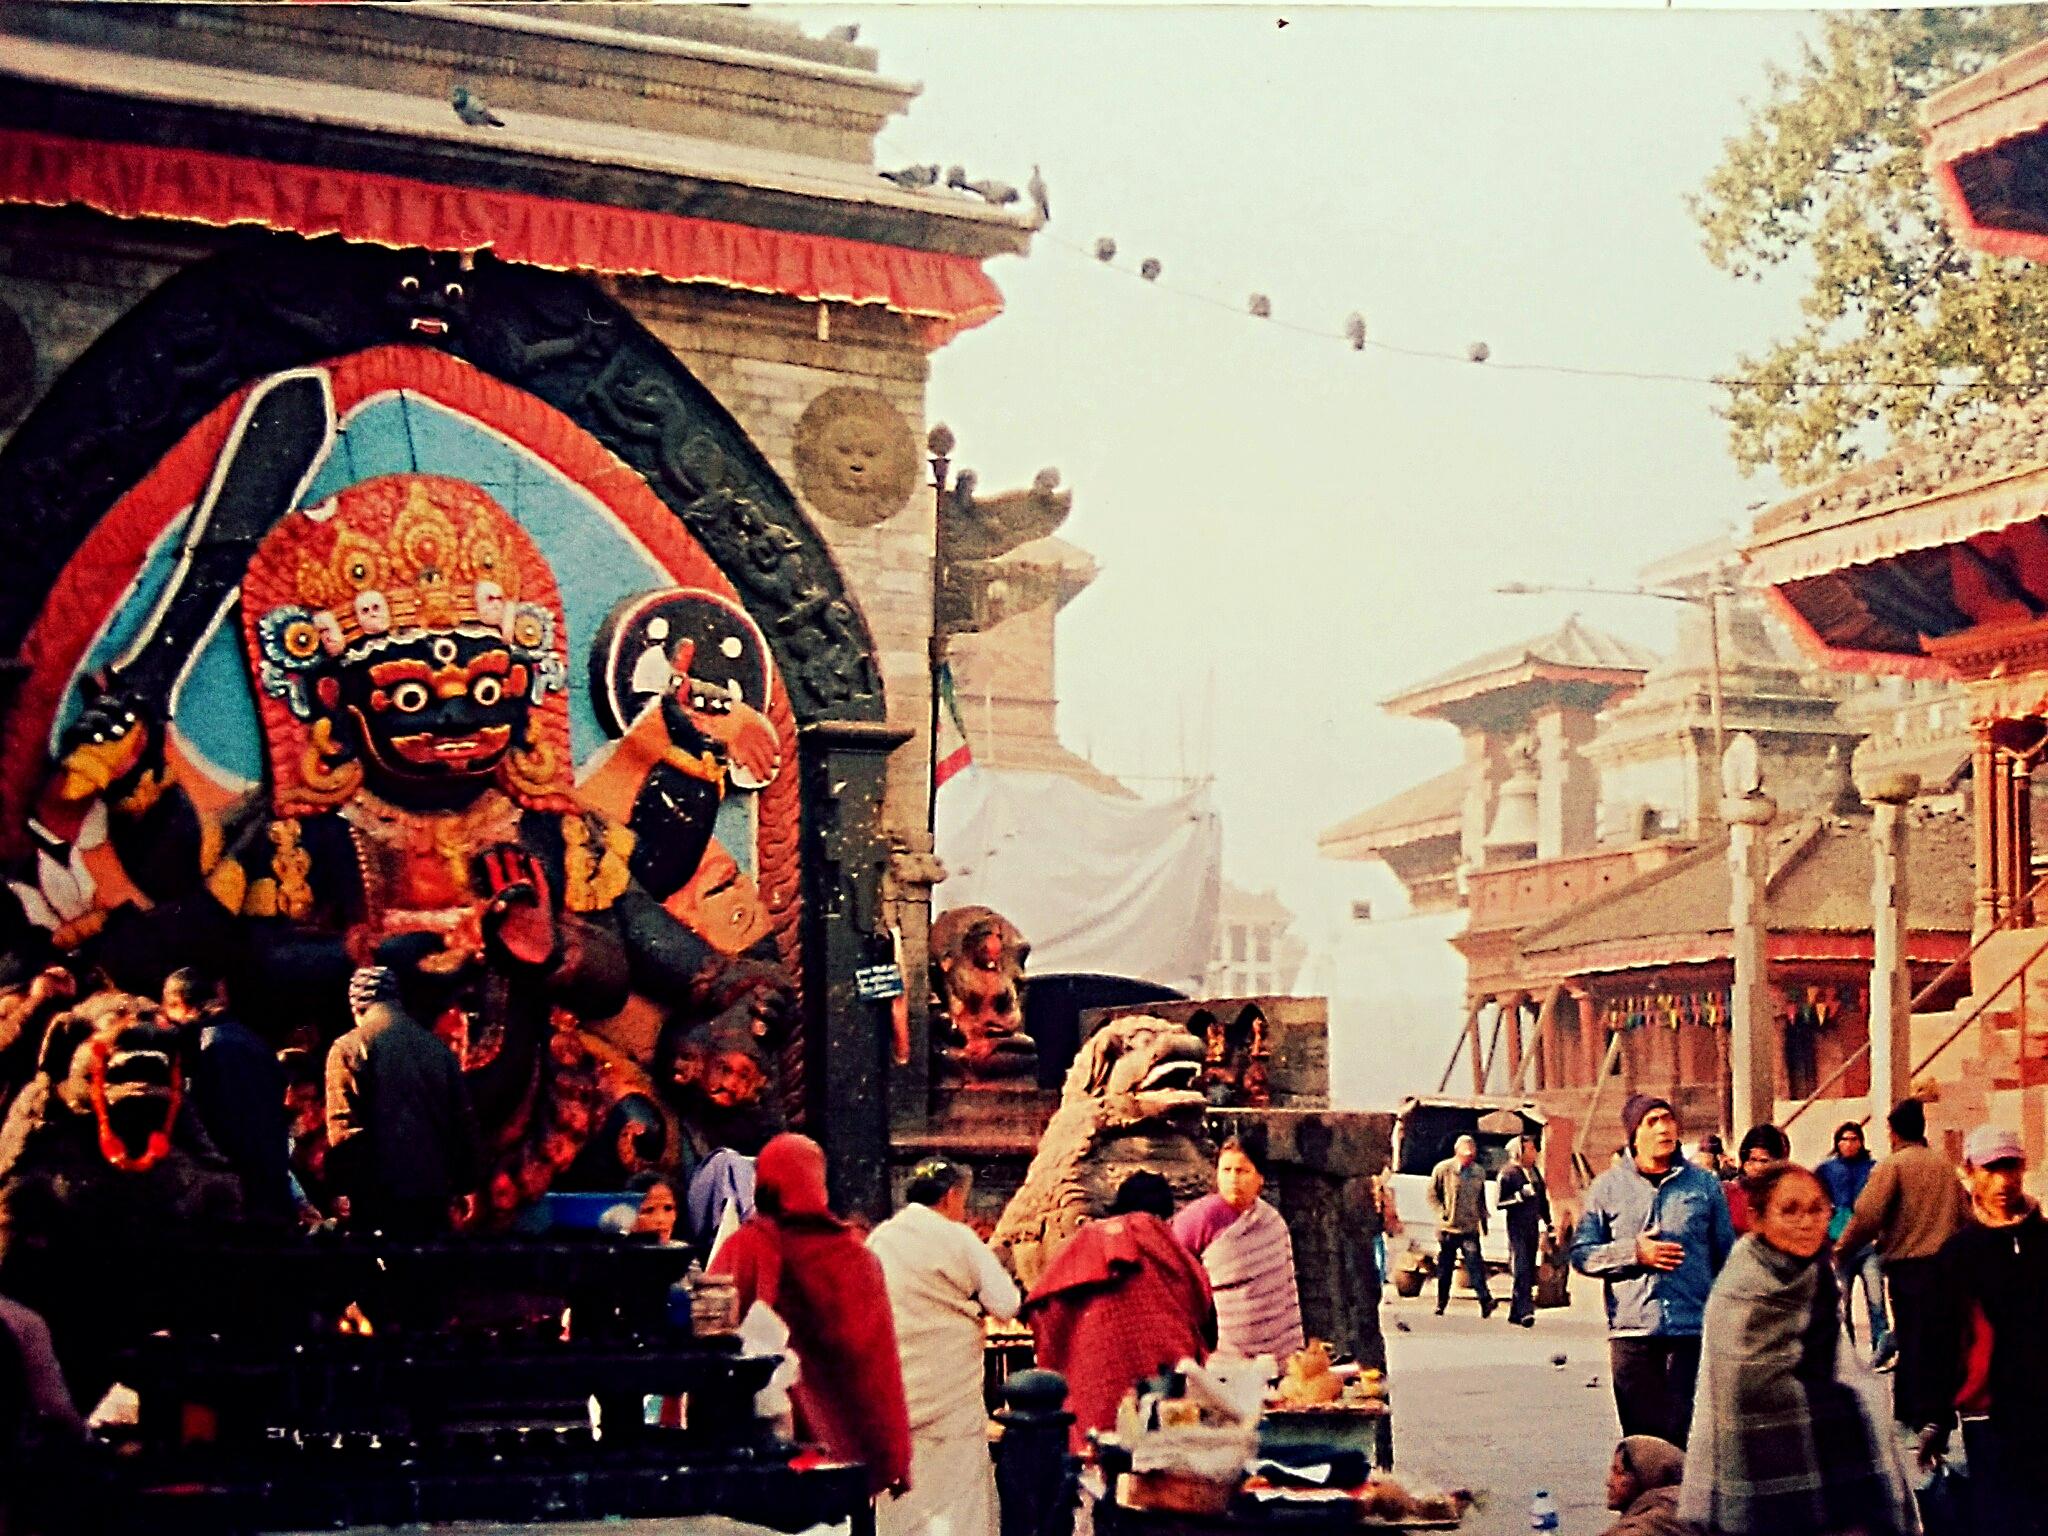 チベット旅行に行く前にネパール・カトマンズ観光すべき10の理由